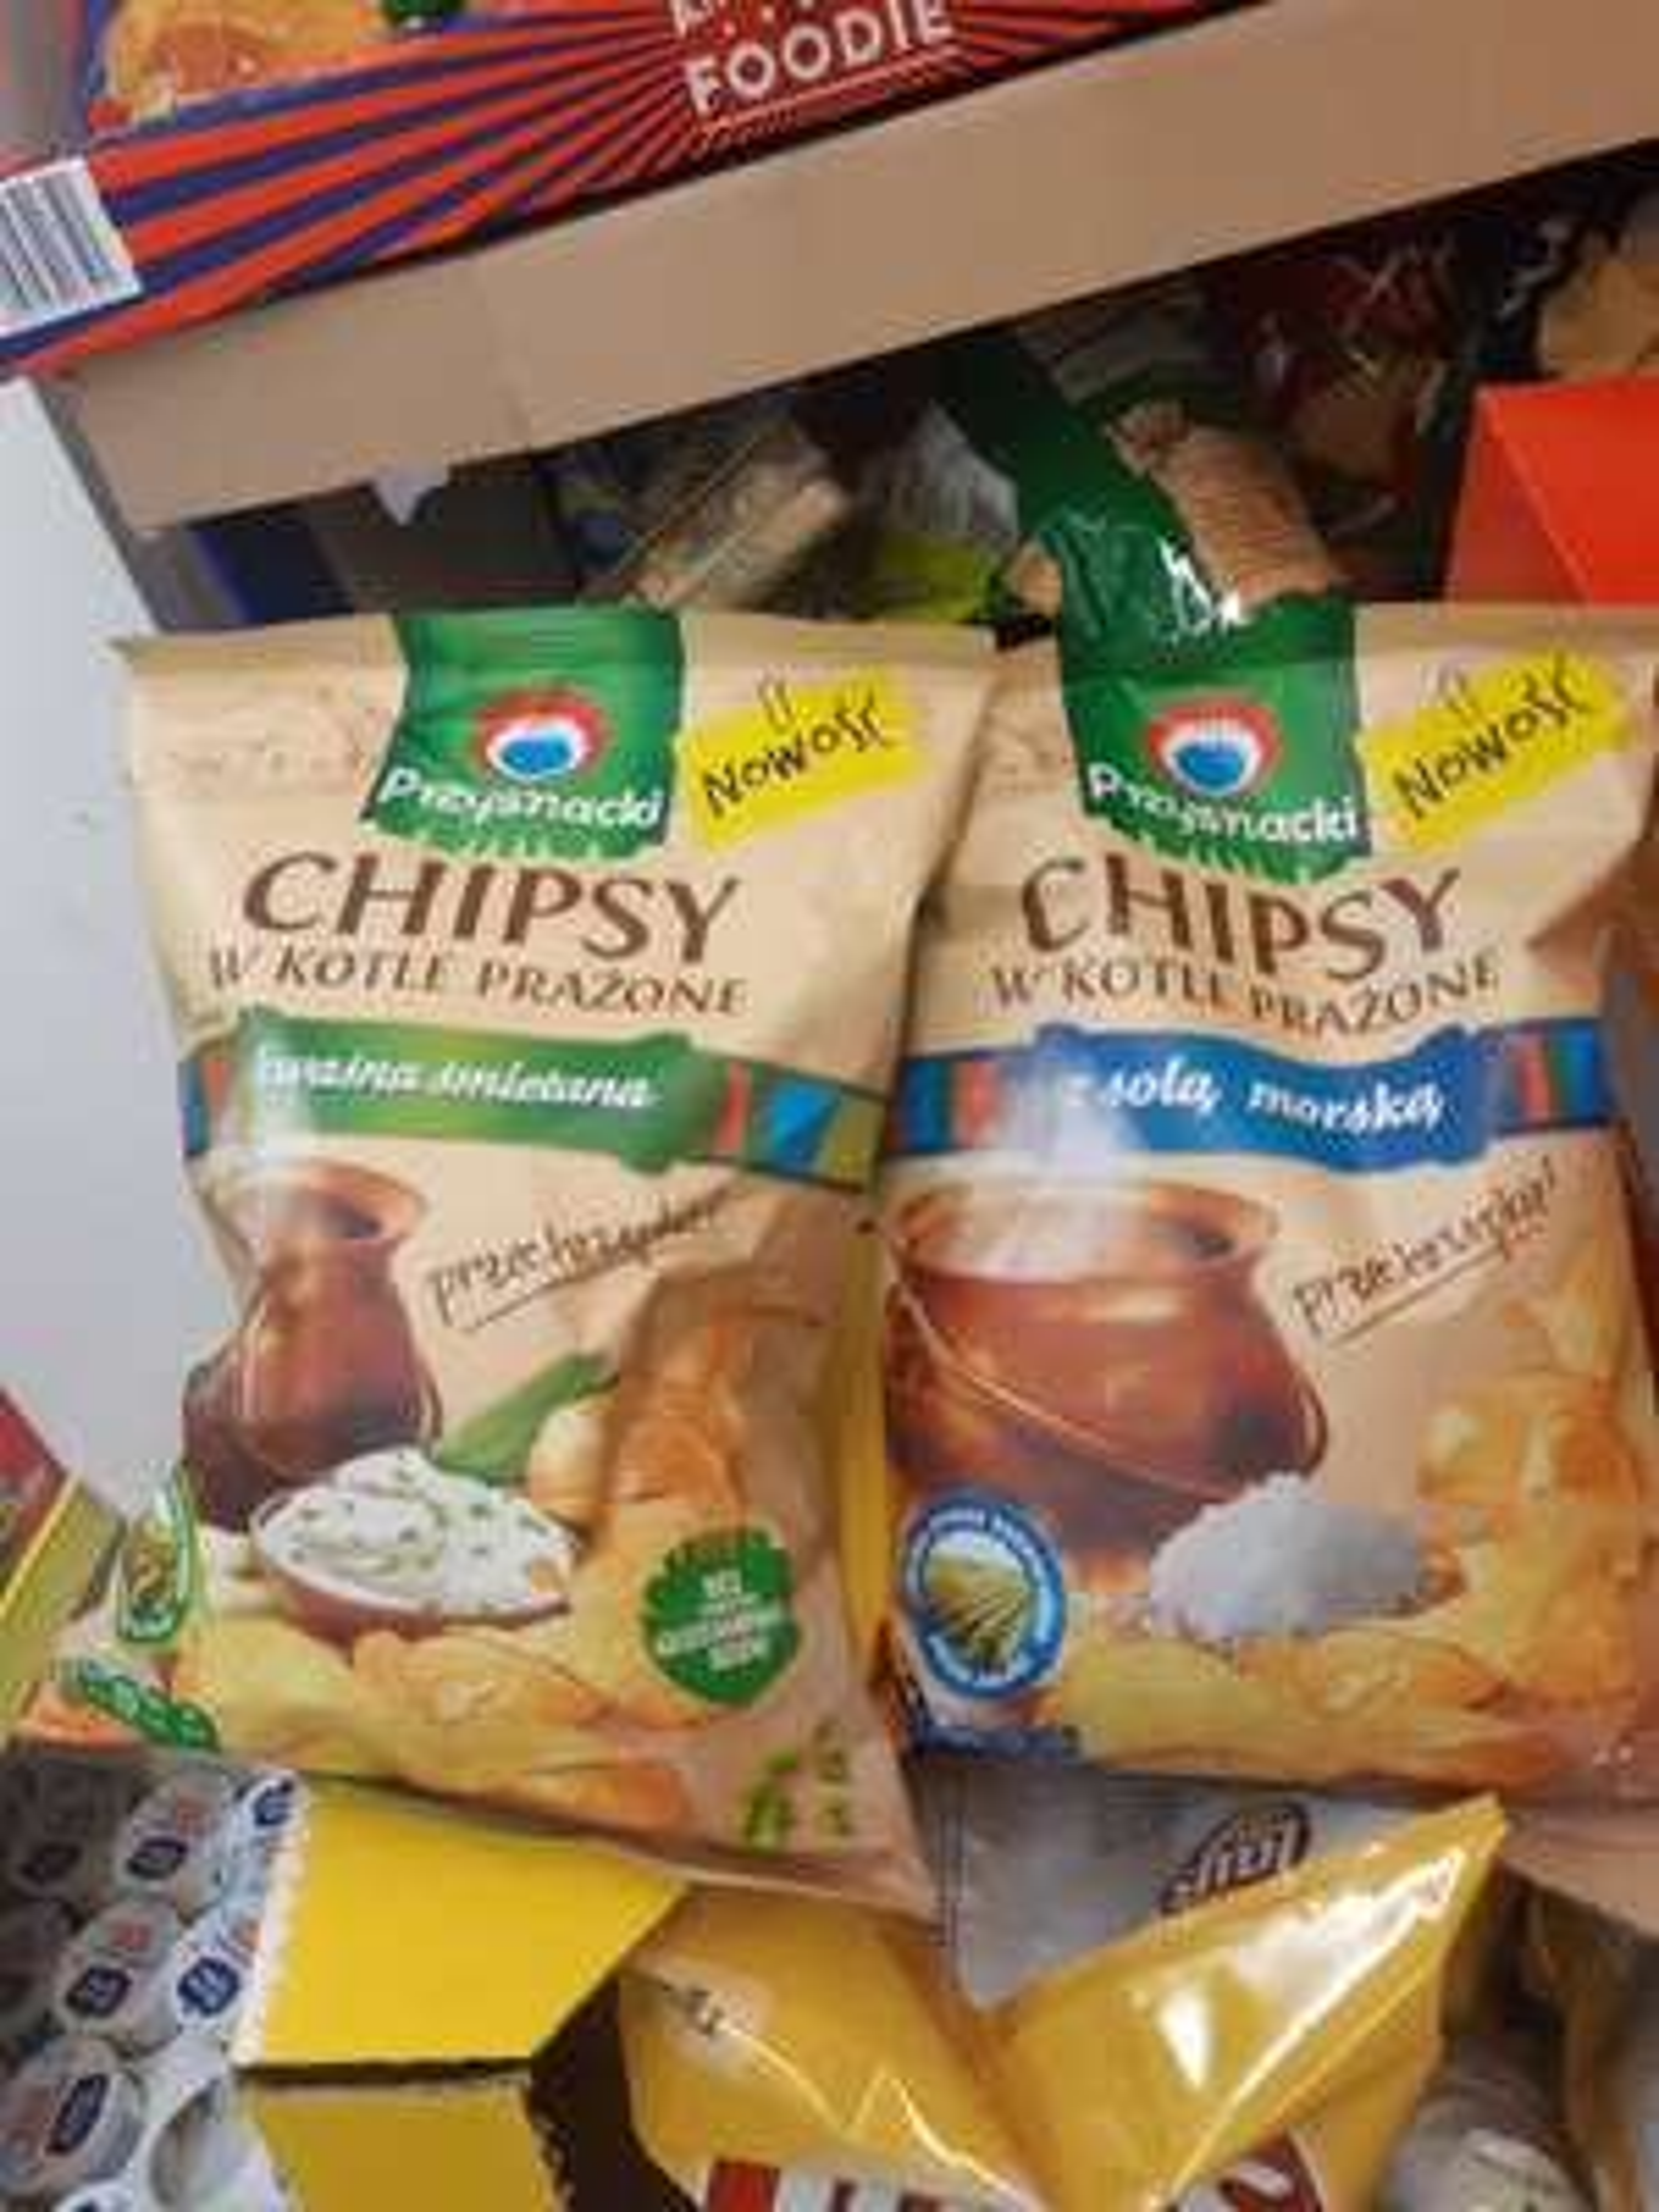 Chipsy Przysnacki w kotle prażone - Biedronka